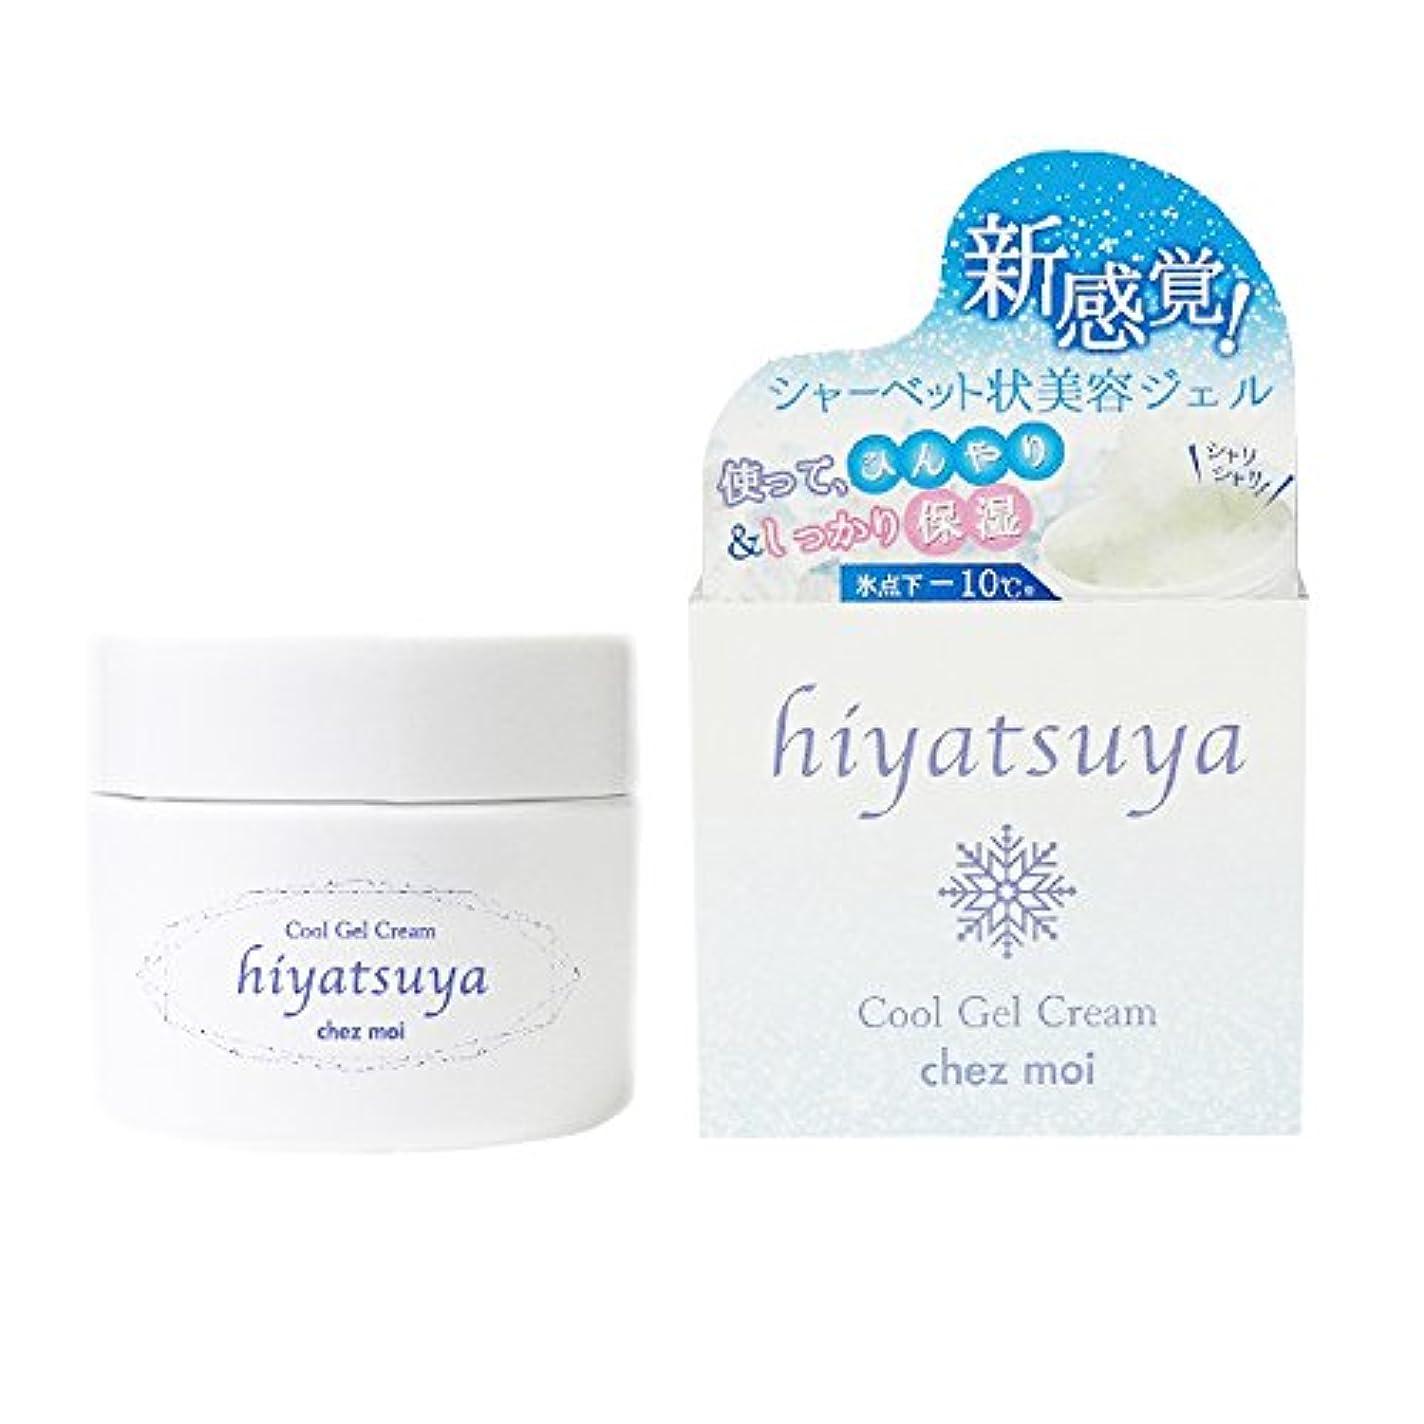 散らす好む粘り強いシェモア hiyatsuya(ヒヤツヤ) cool gel cream 70g